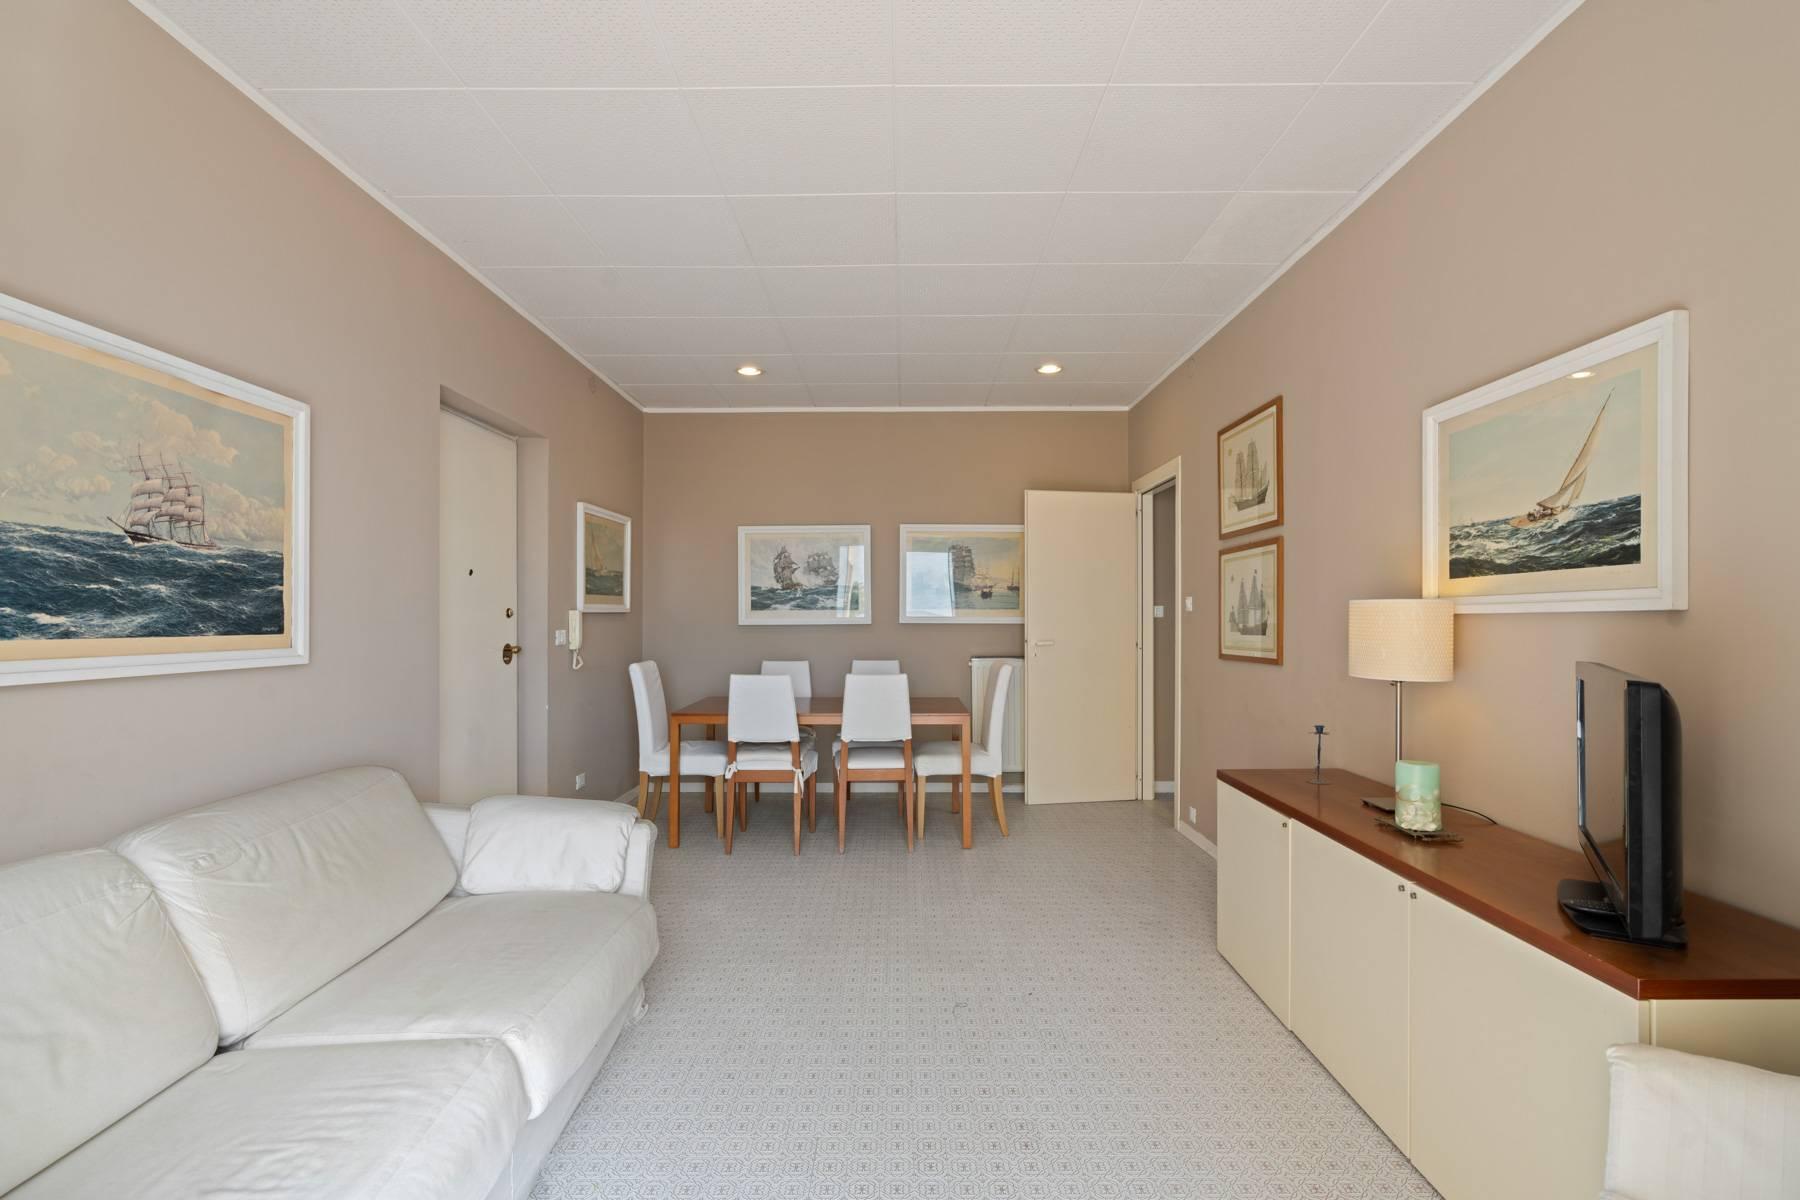 Wohnung am Meer mit wunderscöner Terrasse - 6